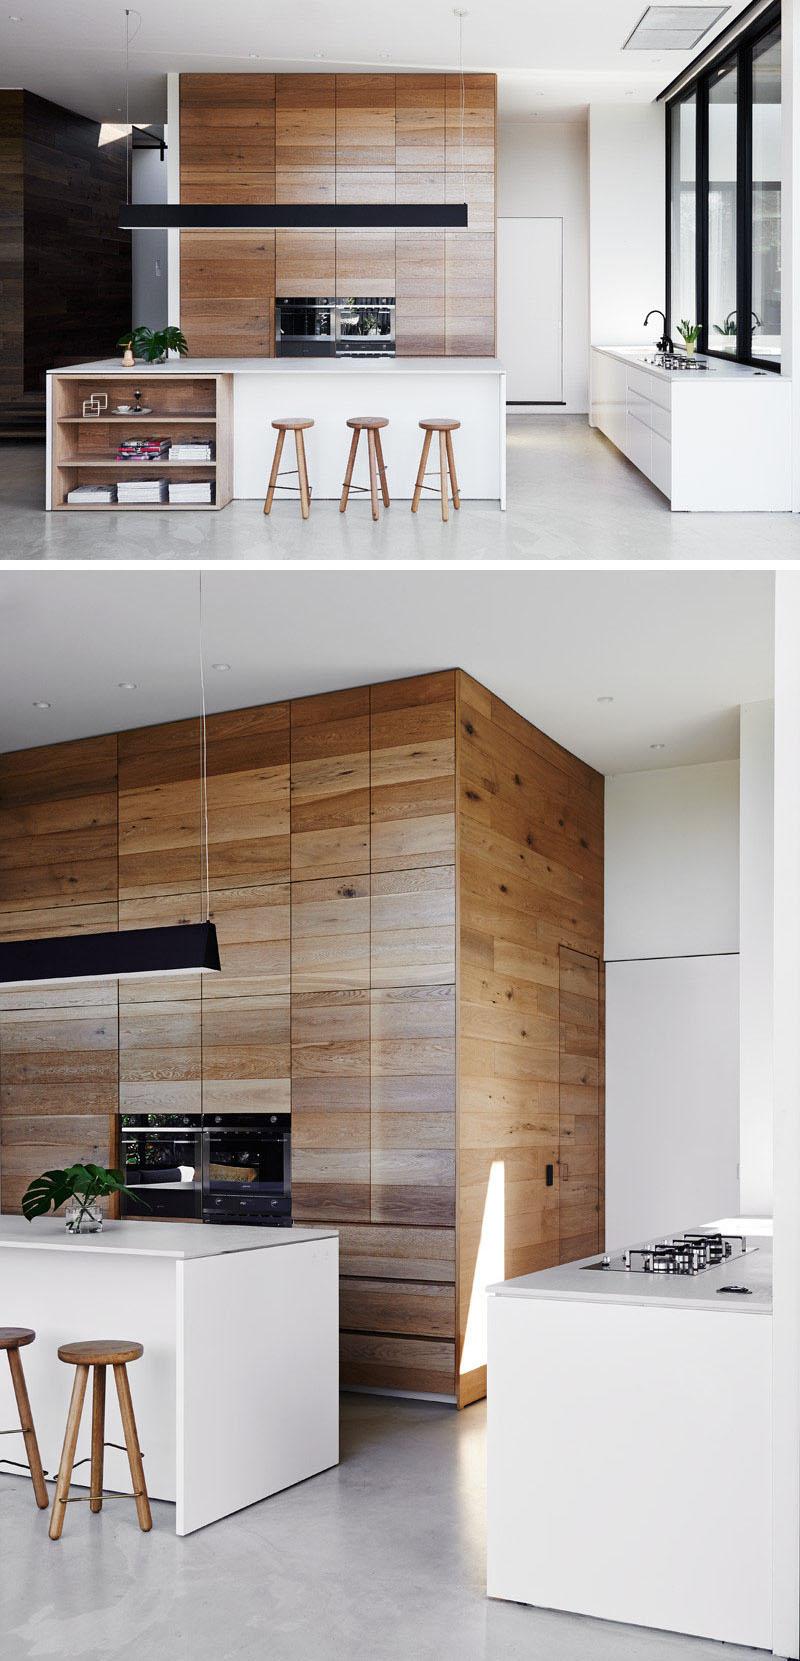 Полированный бетонный пол в современном интерьере кухни-столовой 4